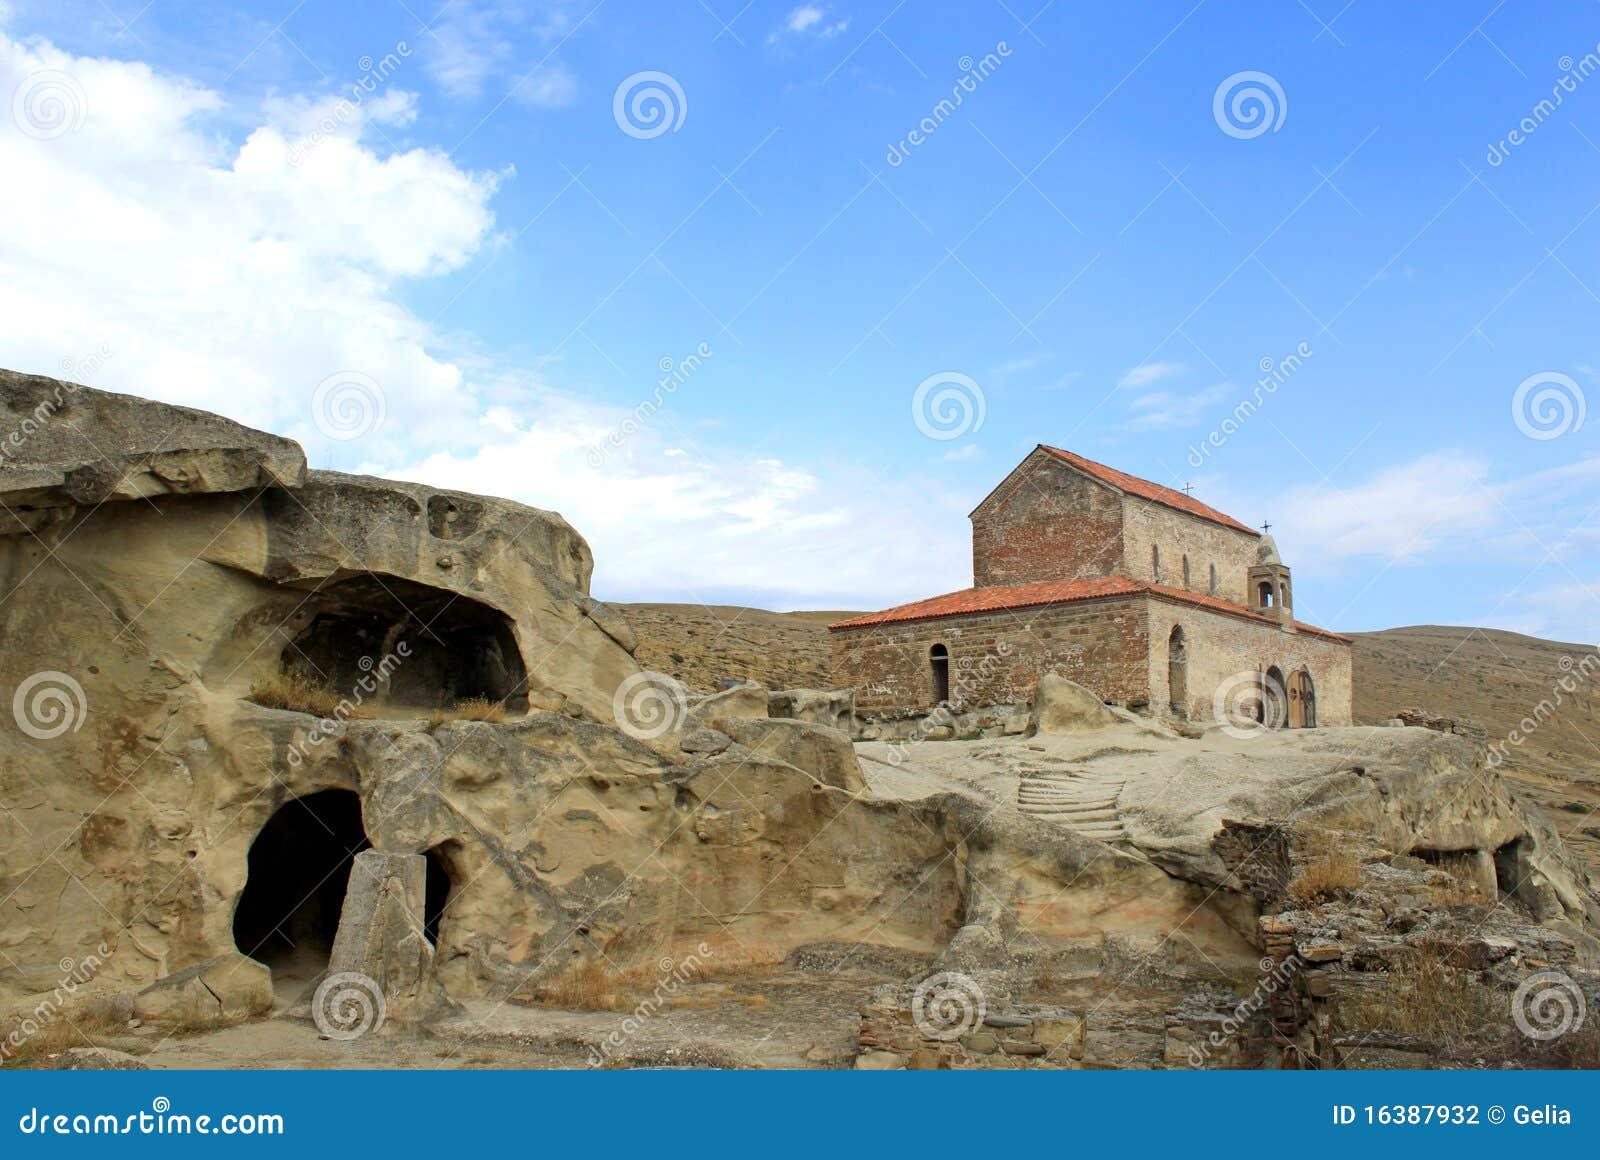 Orthodoxe kerk in Uplistsikhe